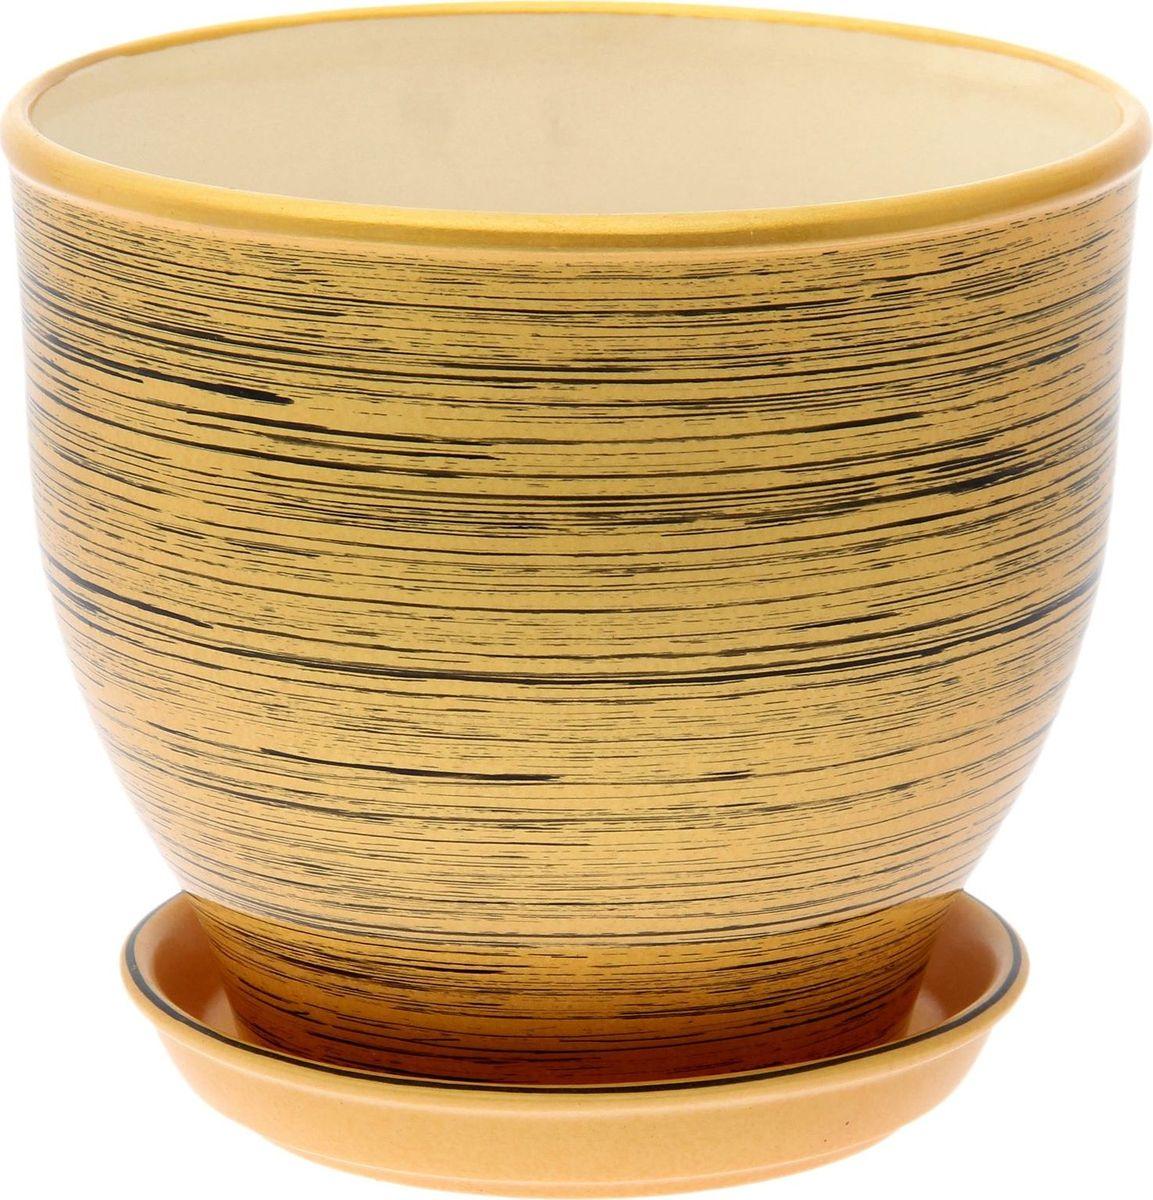 Кашпо Керамика ручной работы Виктор. Глянец, цвет: черный, золотой, 4 л